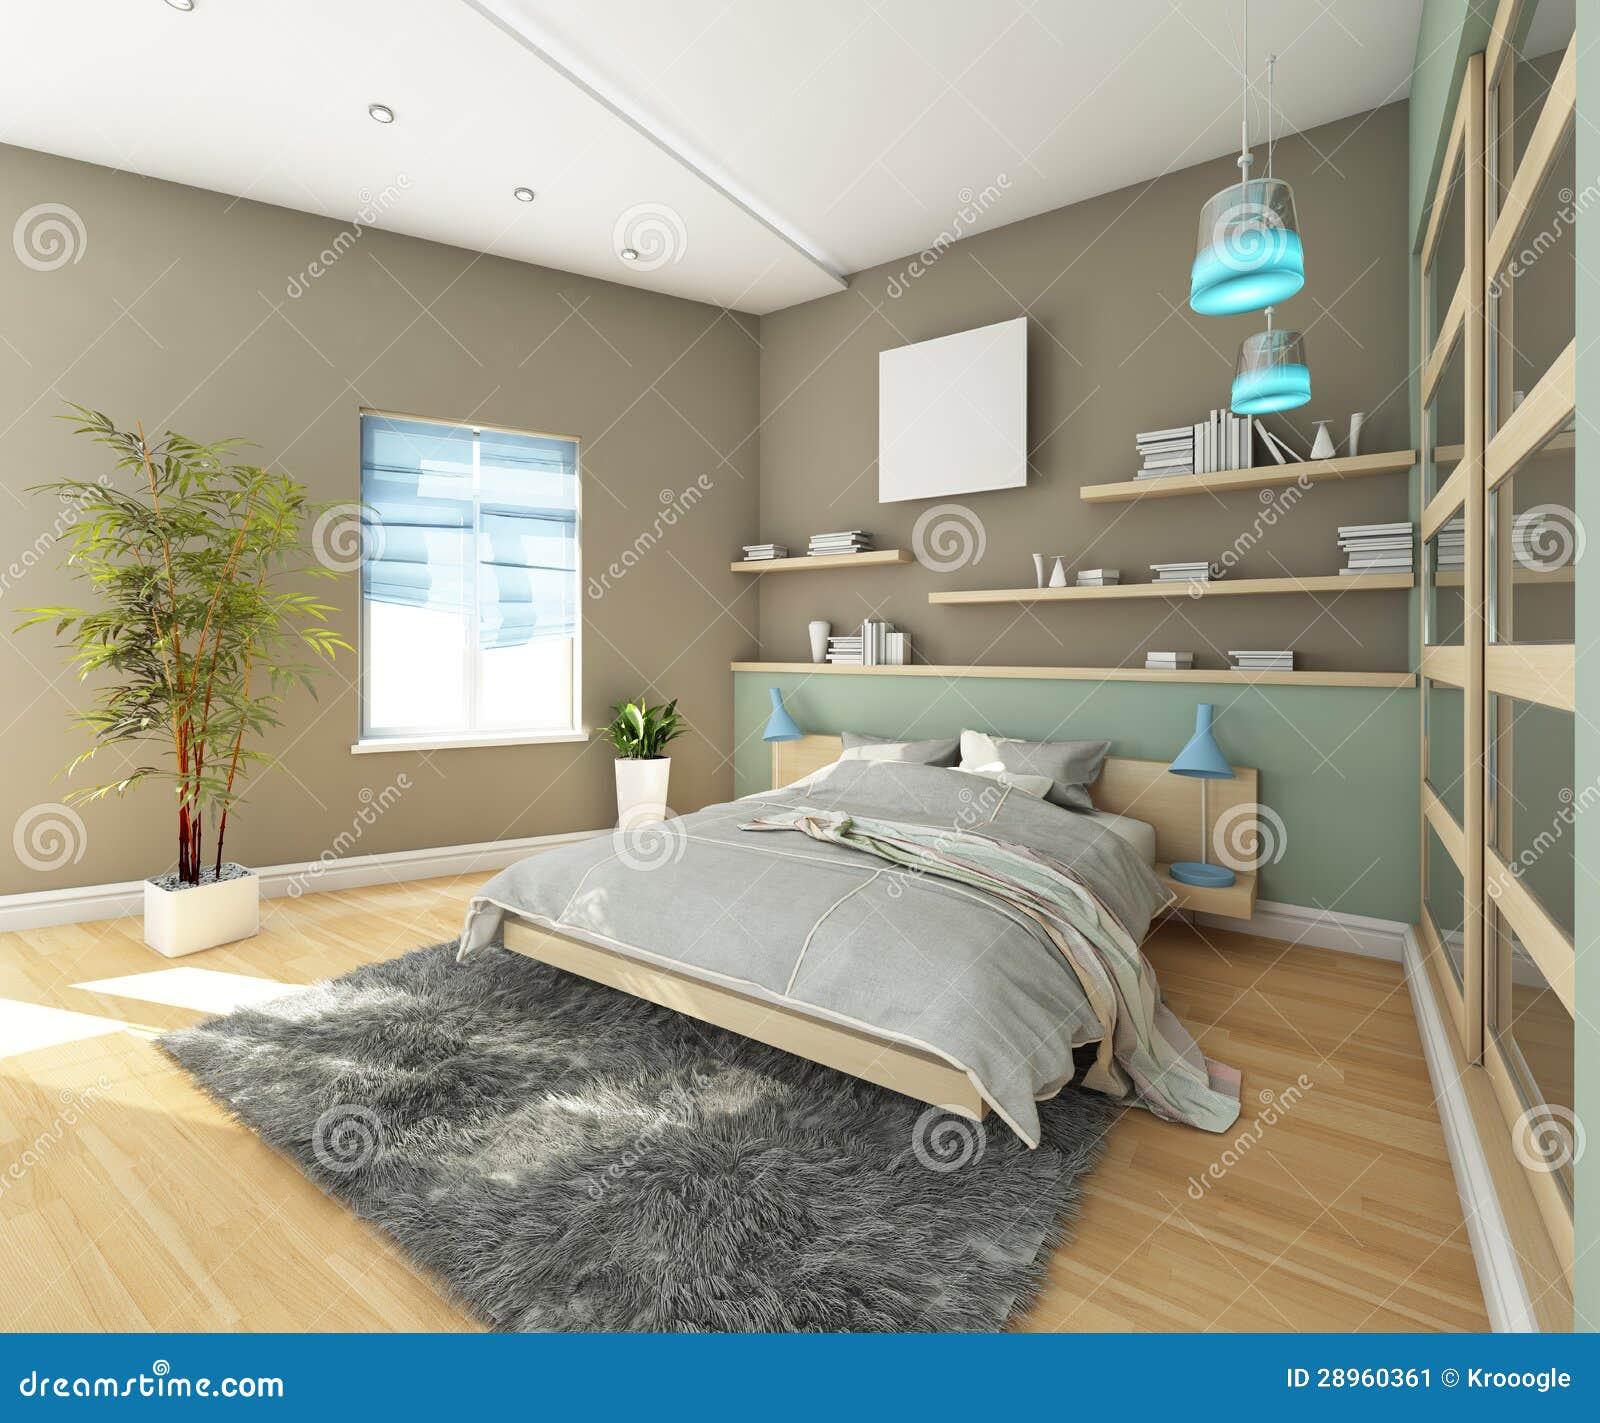 jugendlich schlafzimmer mit teppich stockbild  bild 28960361